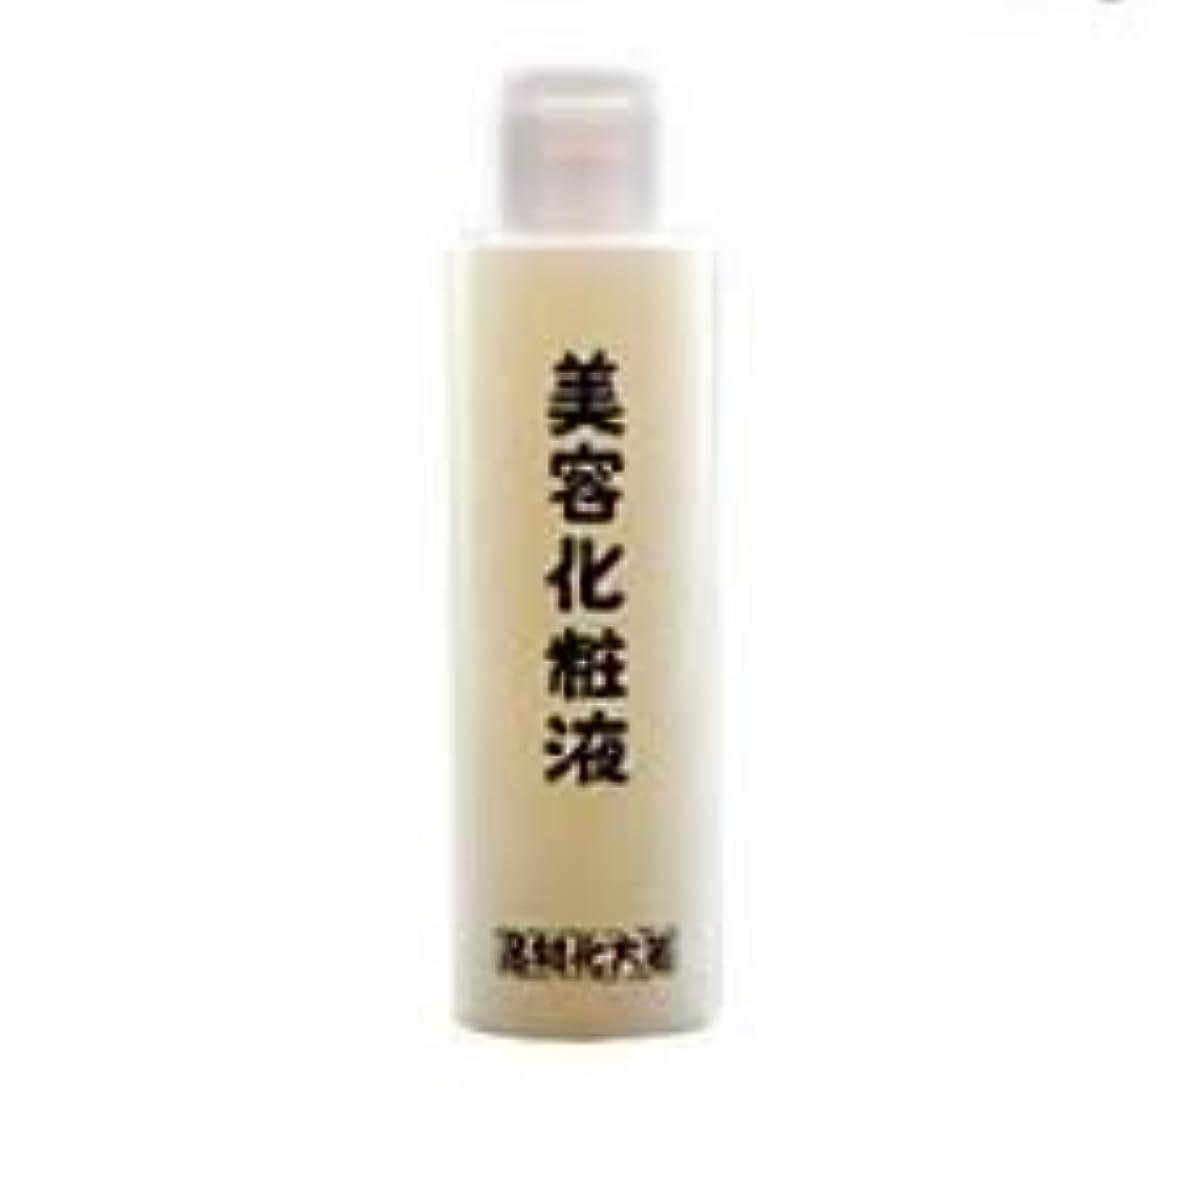 談話アクティビティサイクル箸方化粧品 美容化粧液 化粧水 120ml はしかた化粧品